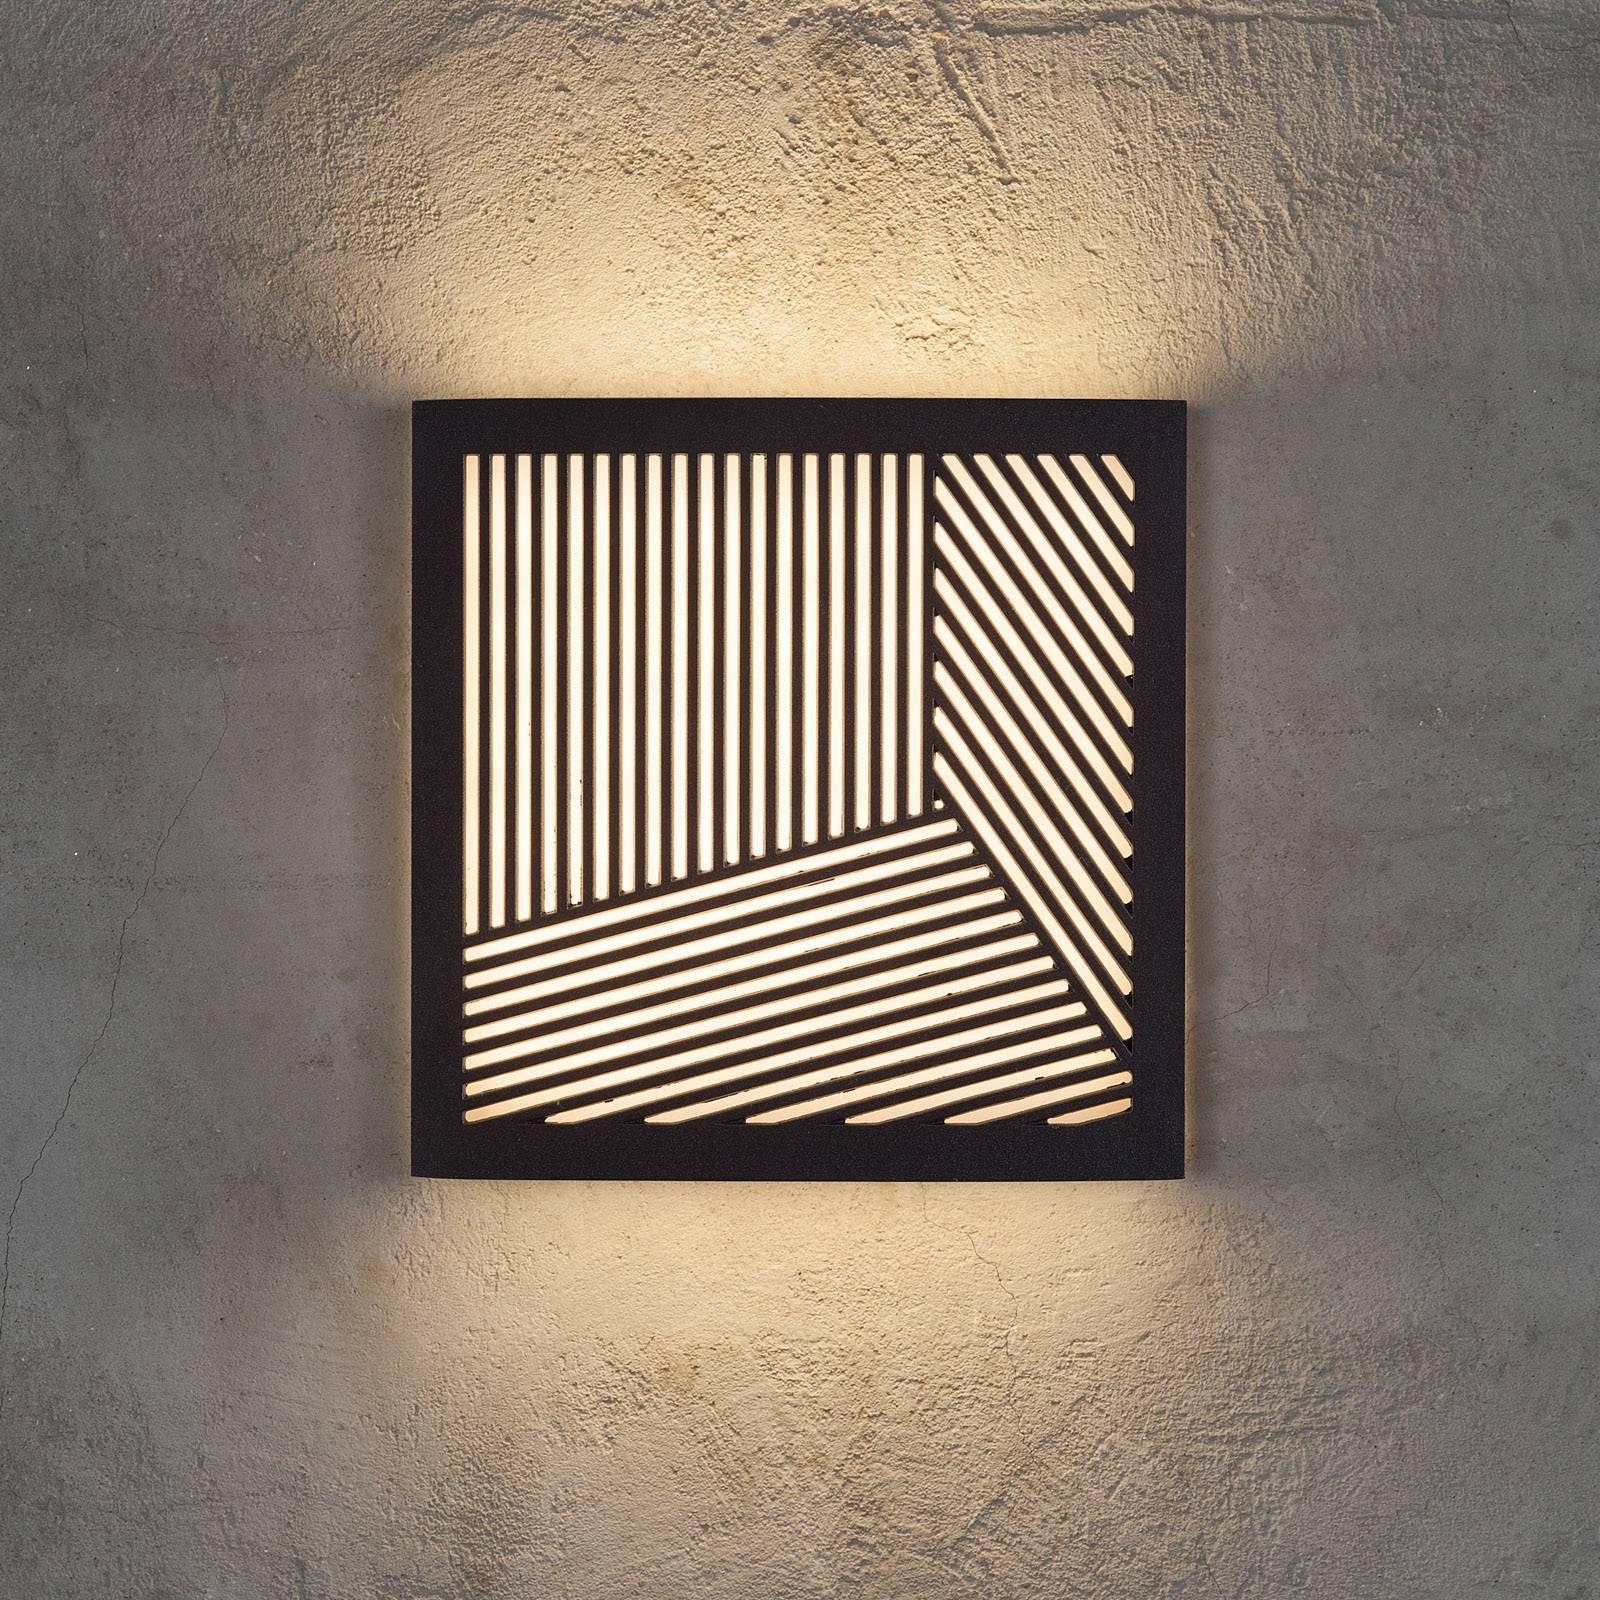 LED-ulkoseinävalaisin Maze Straight, musta